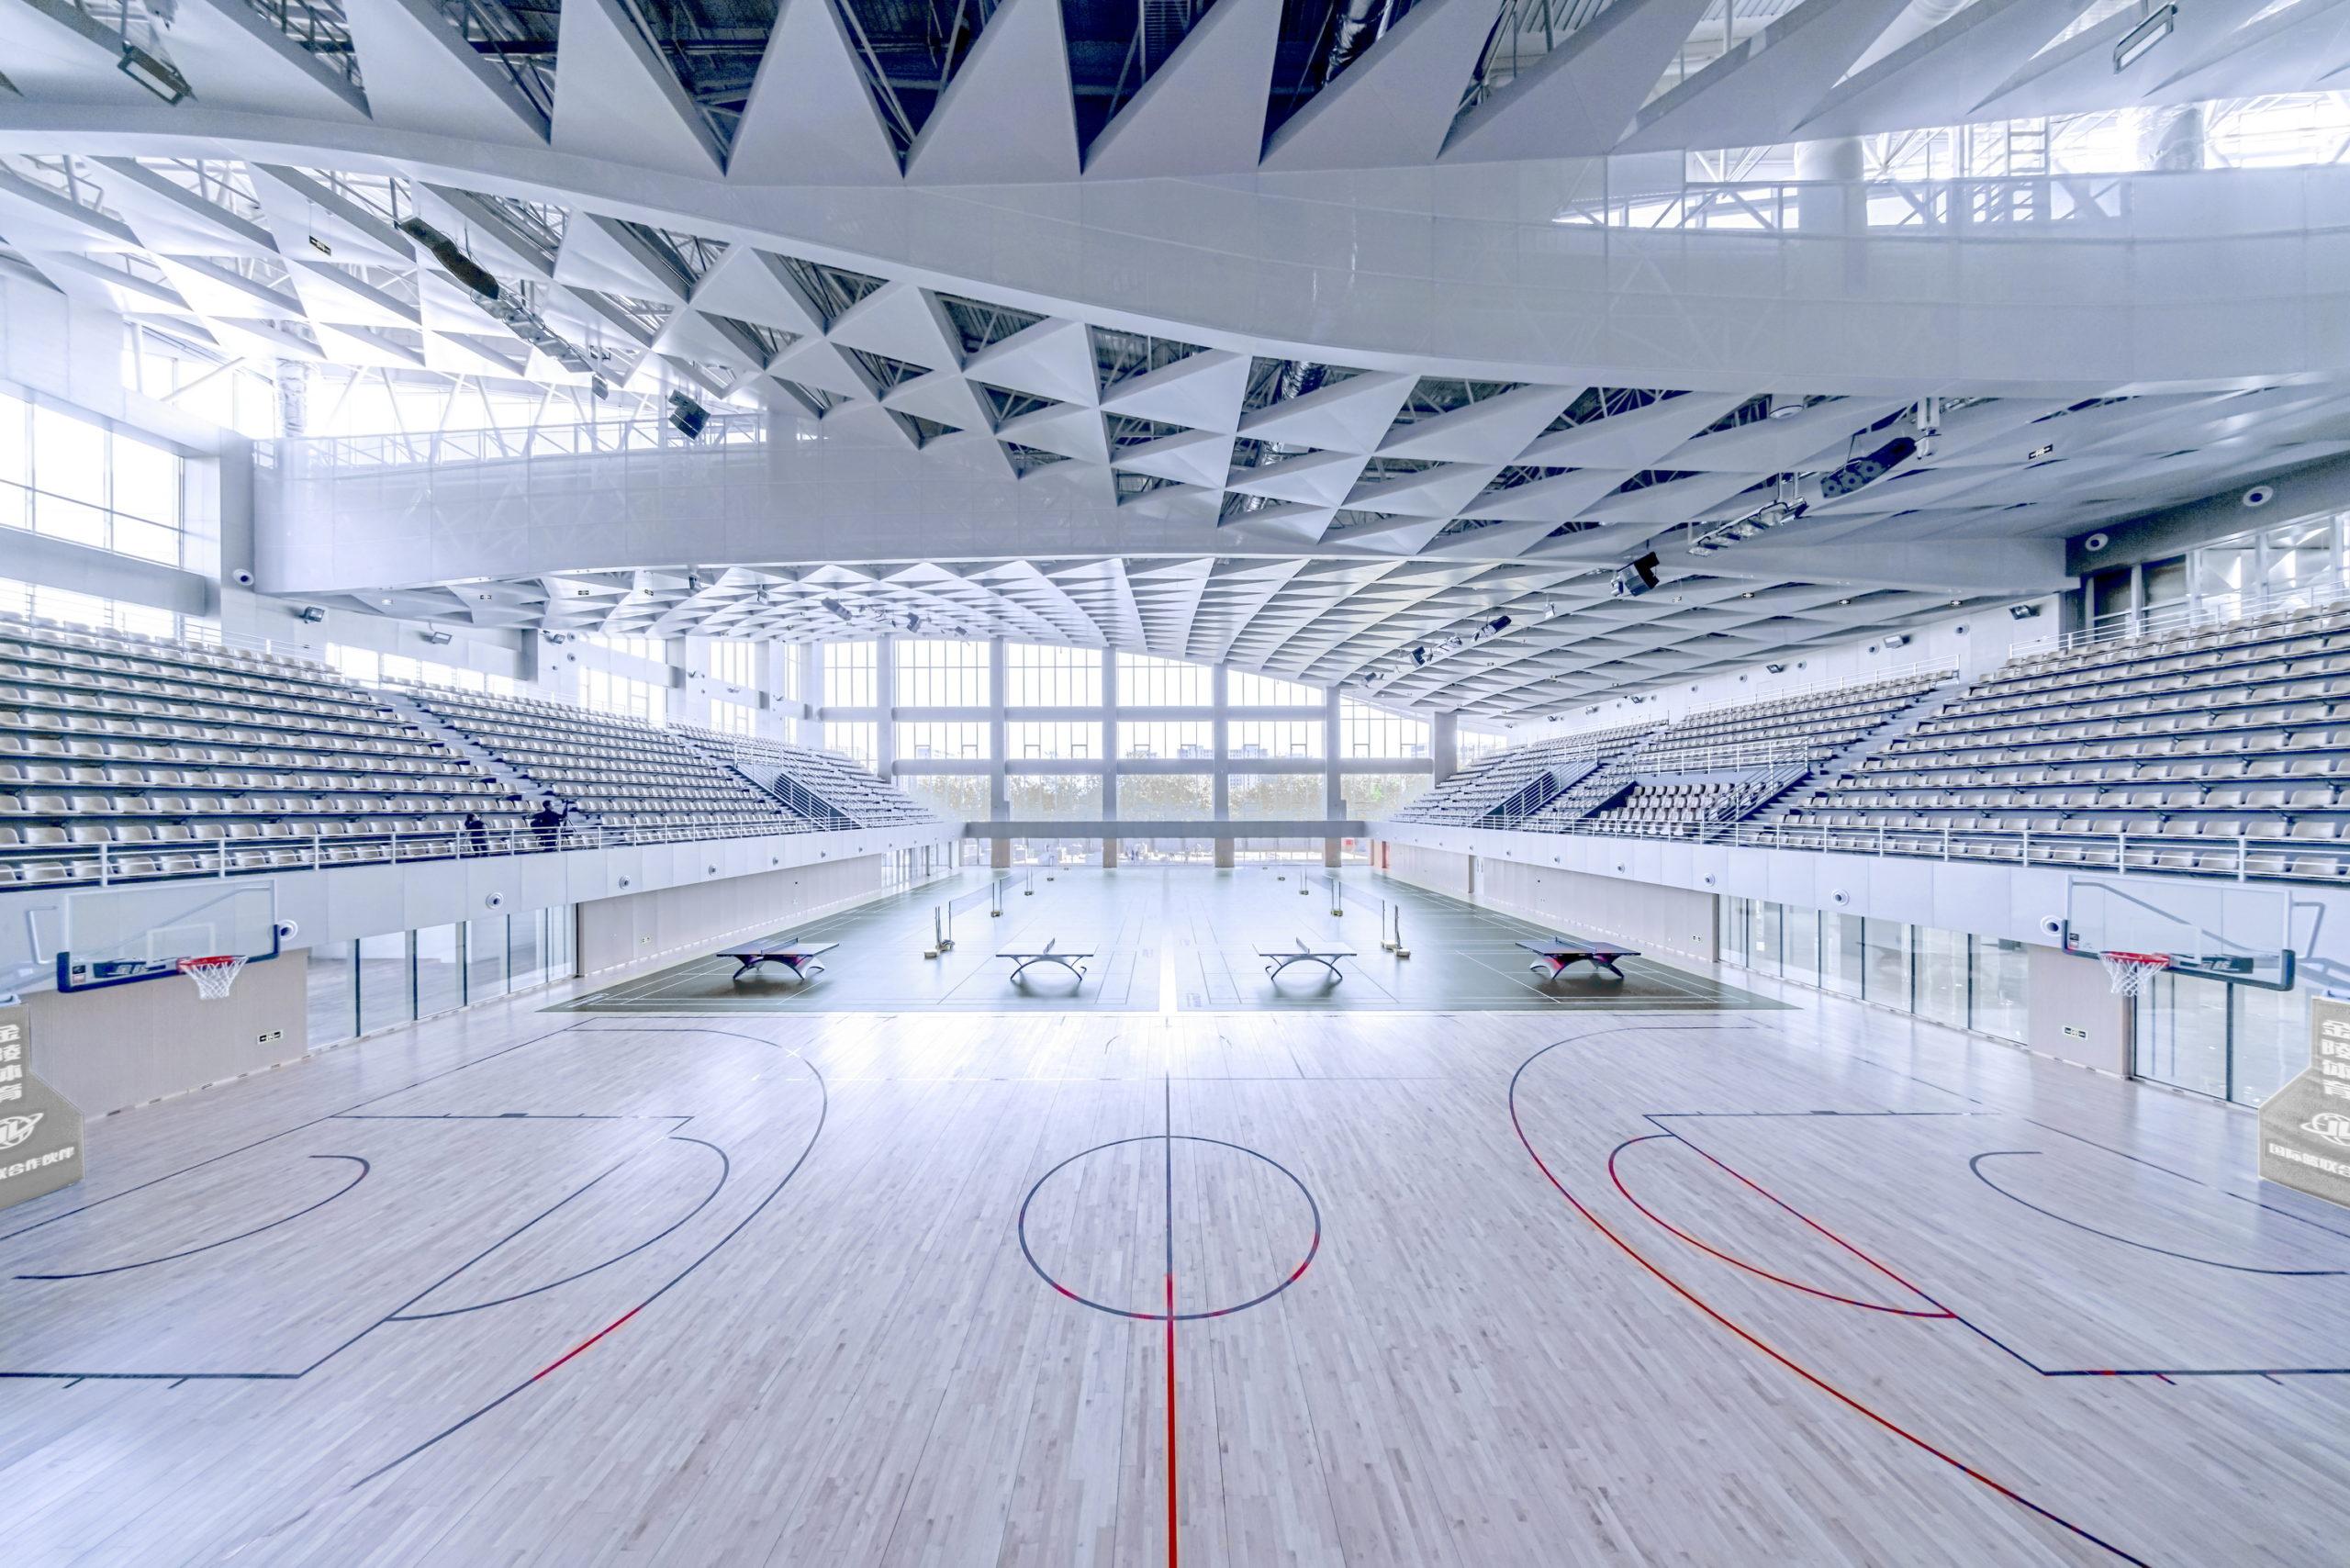 Stade emblématique BIT Sports Center par Atelier Alter Architects, Pékin, Chine